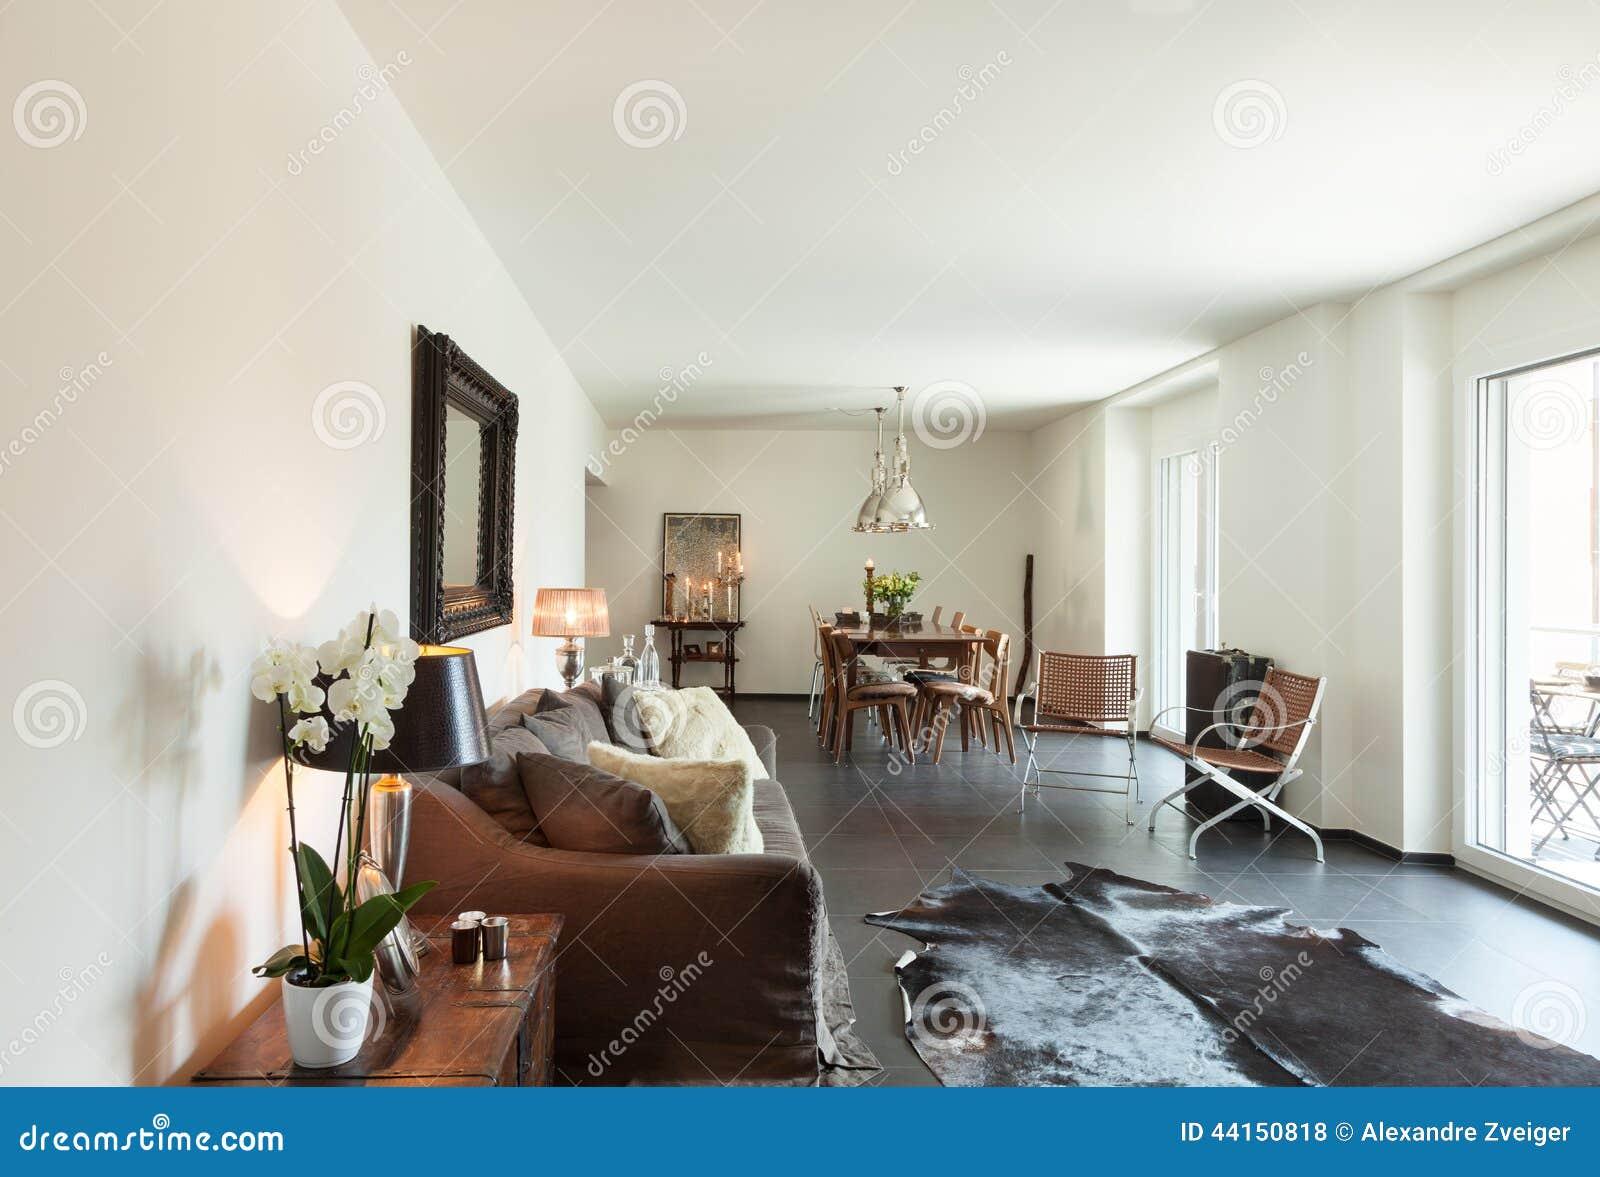 Schönes Wohnzimmer stockfoto. Bild von sofa, architektur - 44150818